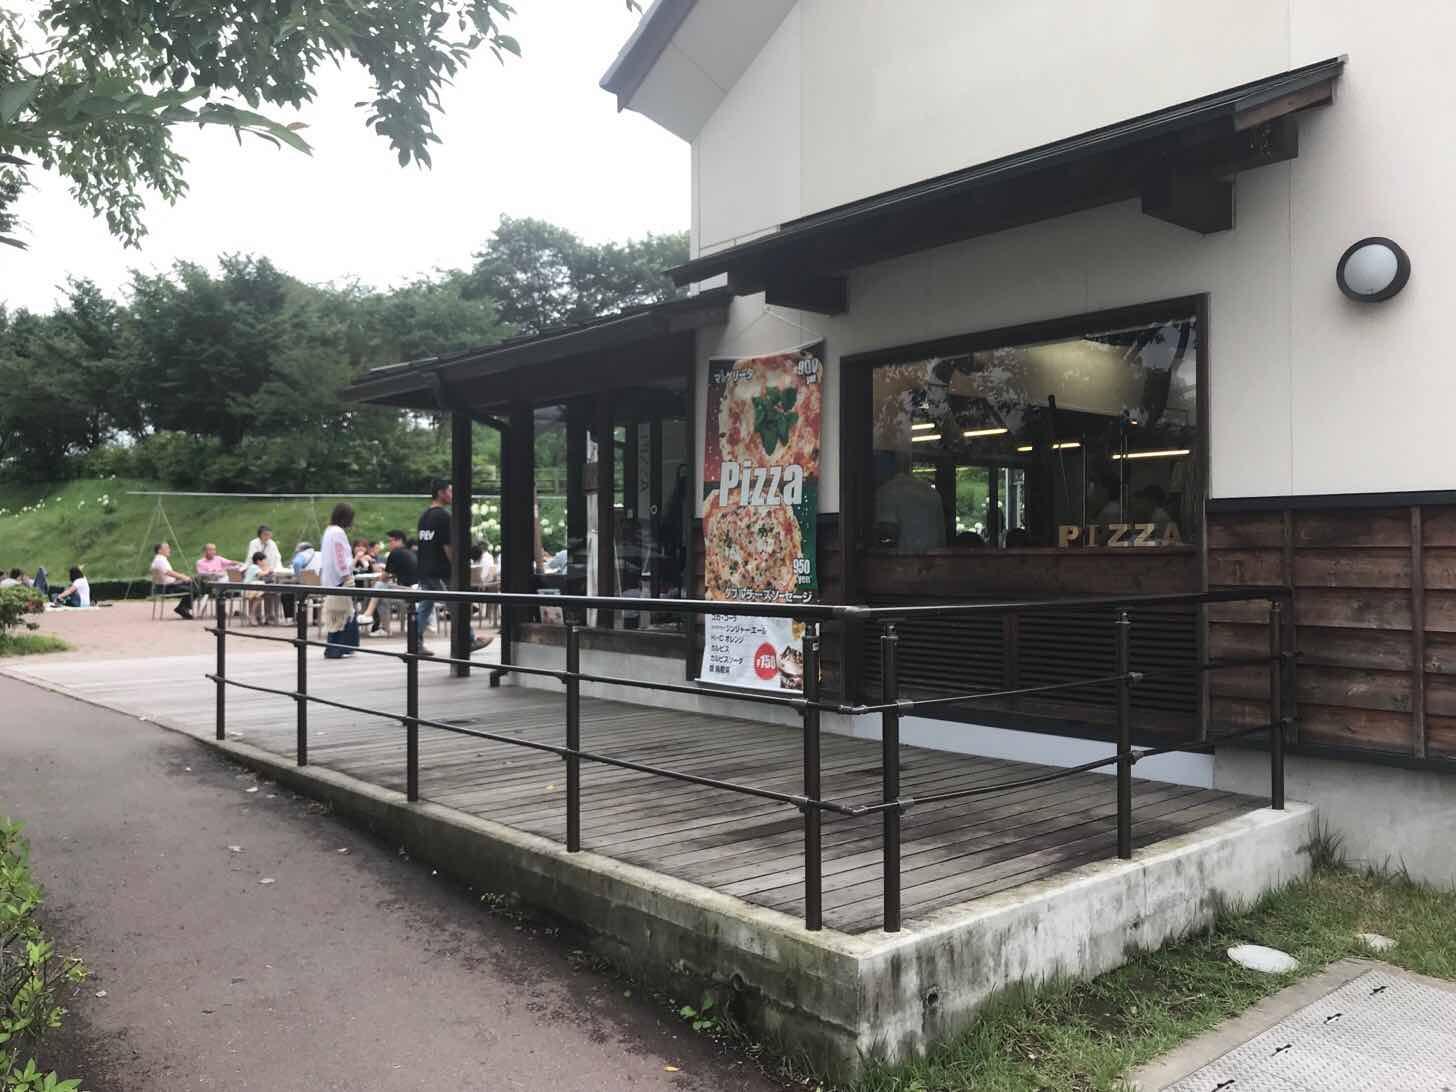 川場田園プラザ-ピザ-外観